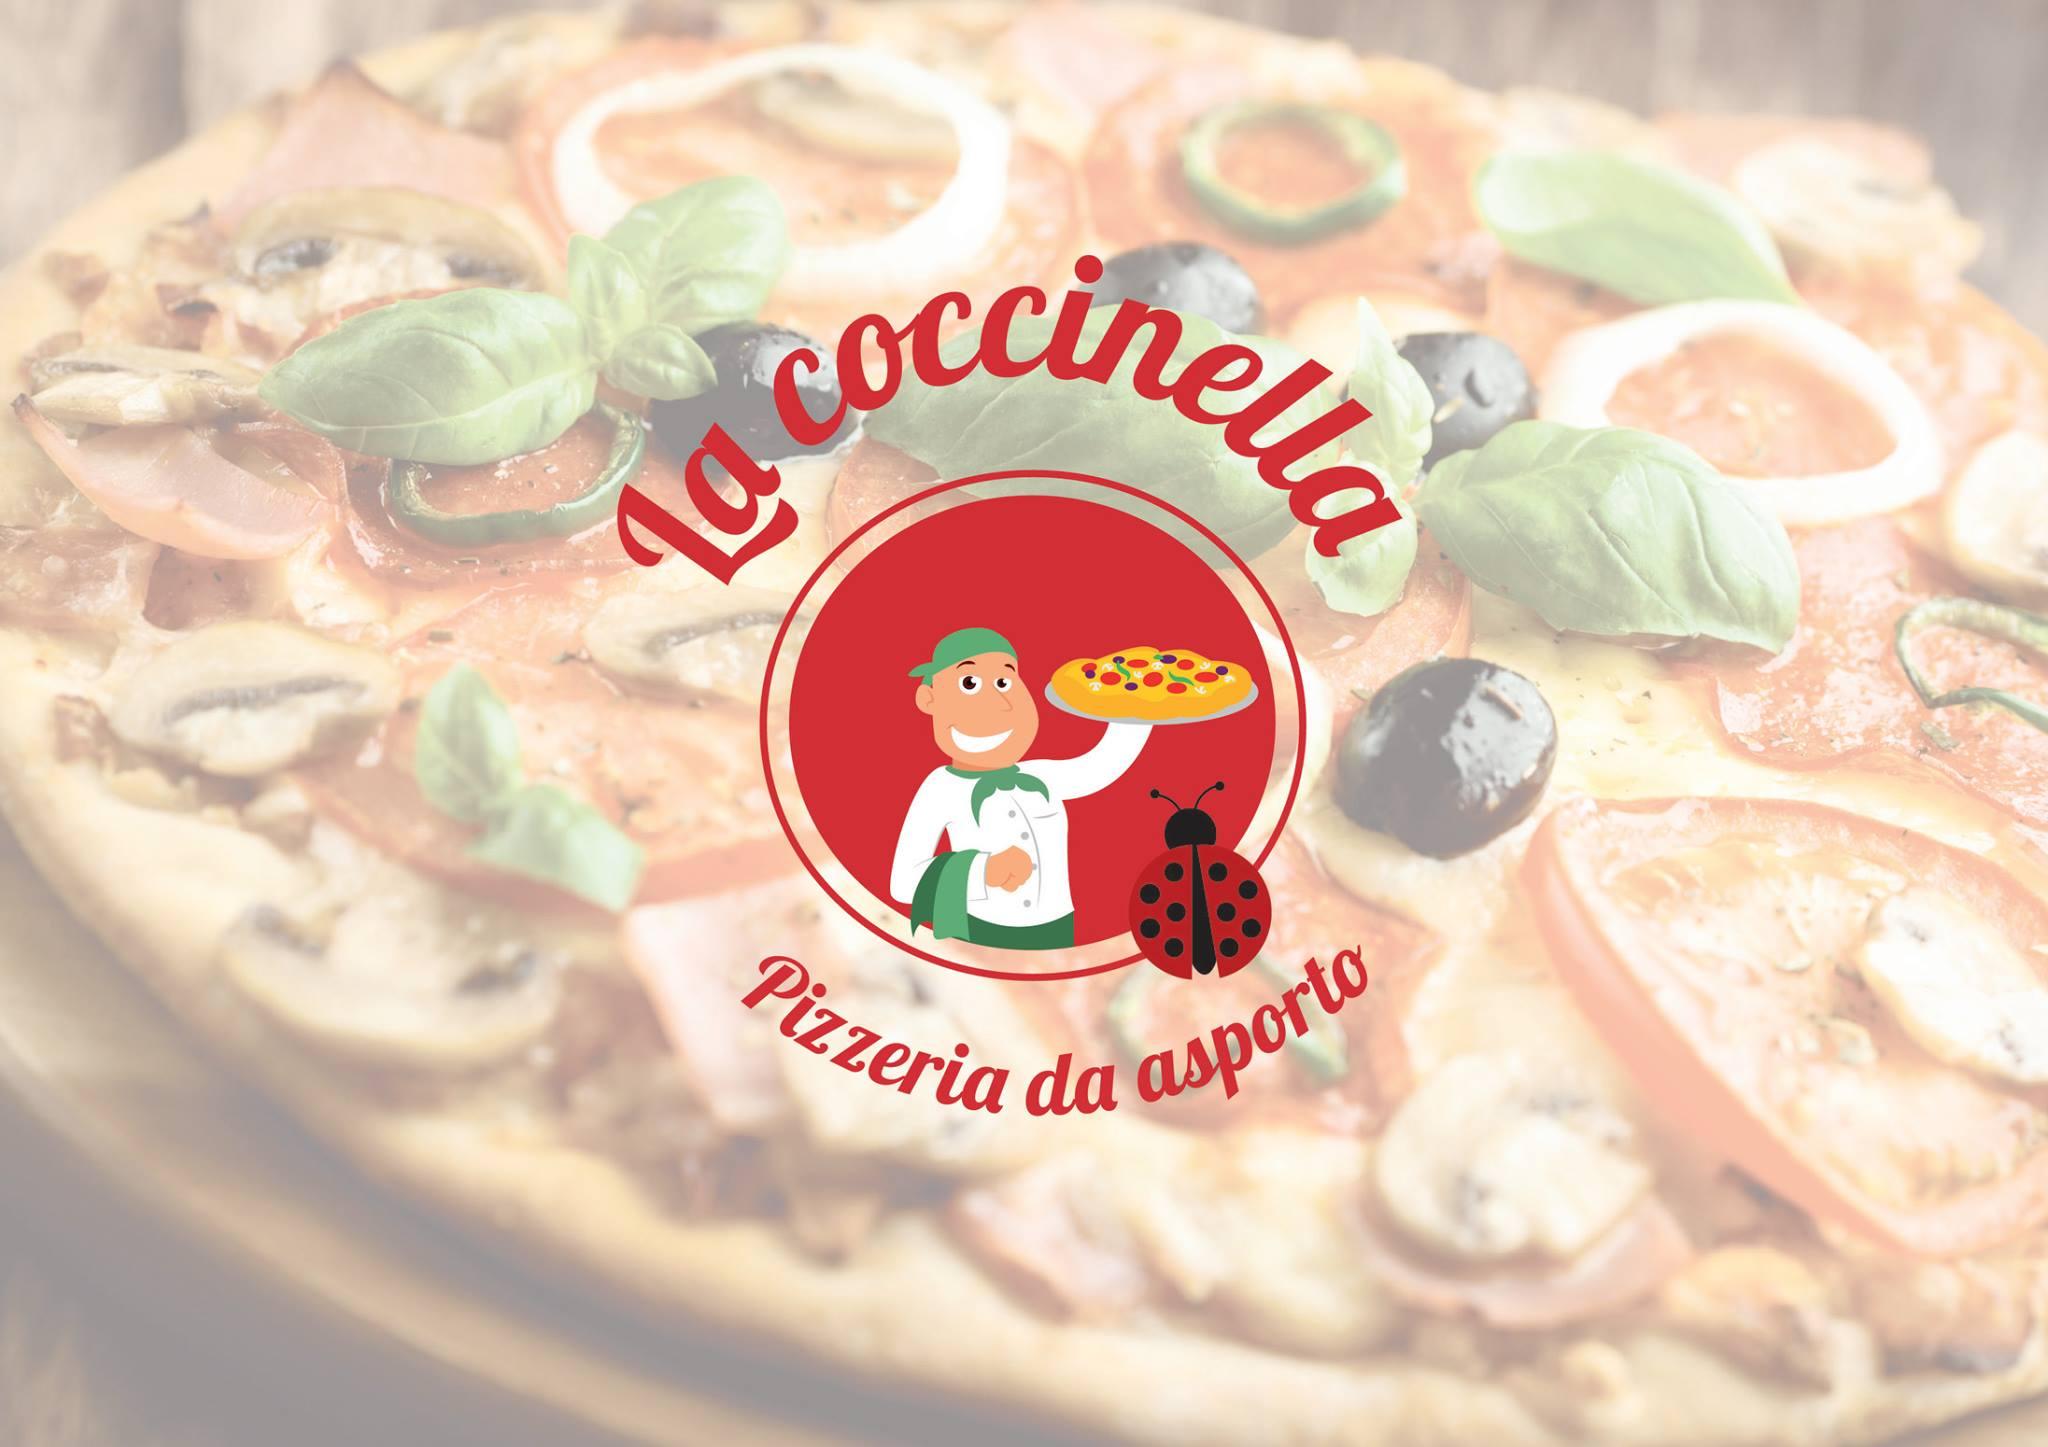 Logo creato per La coccinella pizzeria Brescia - Grafica